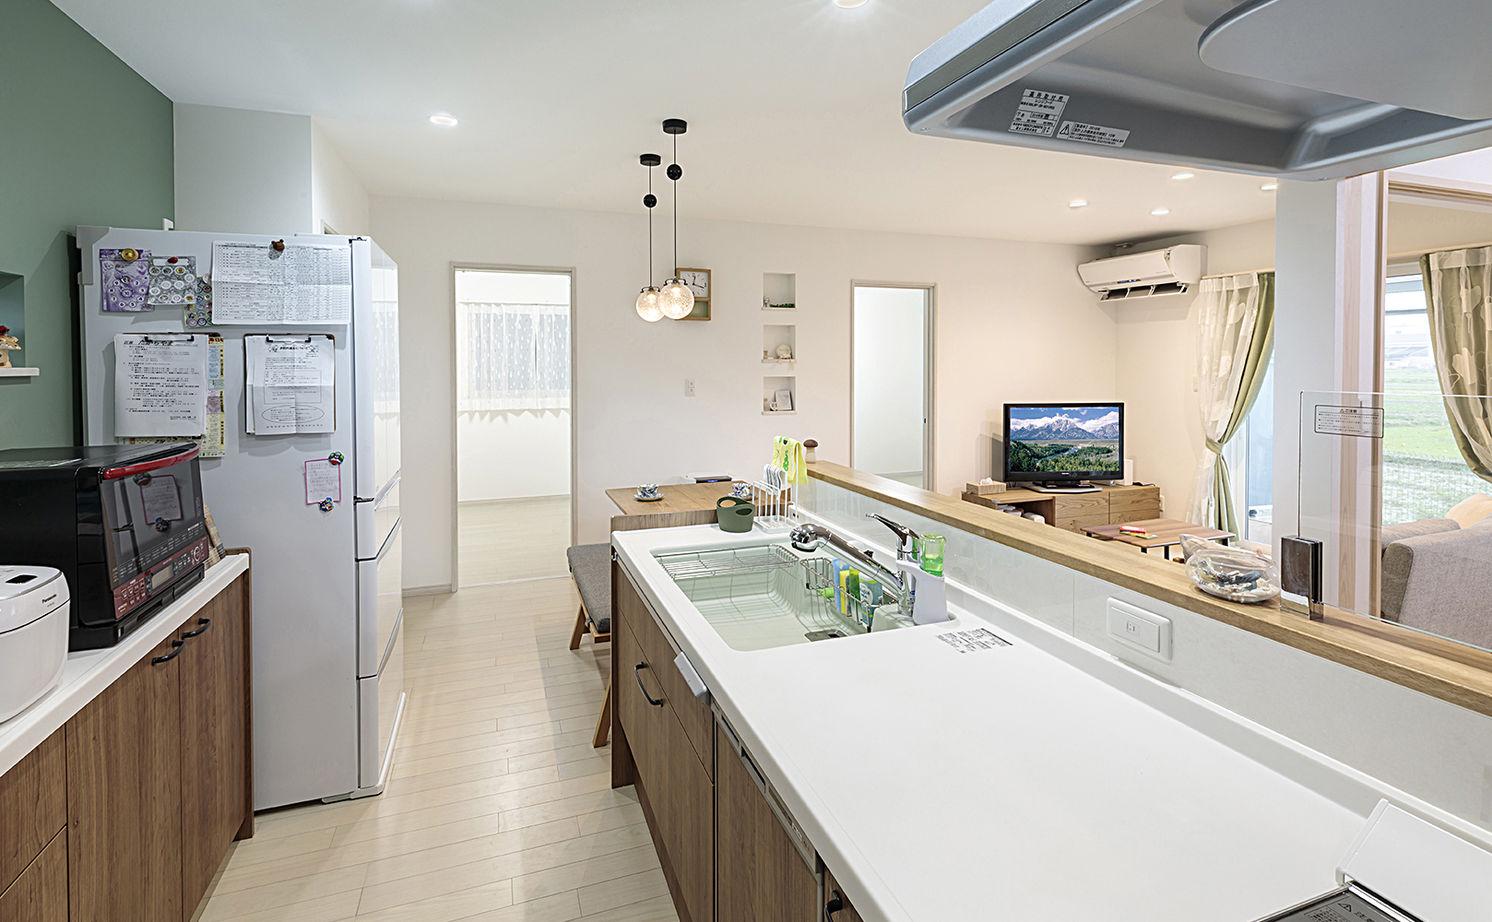 一体感のある間取とスムーズな家事動線が快適。秘密基地のようなロフトも楽しい平屋づくりの家画像3